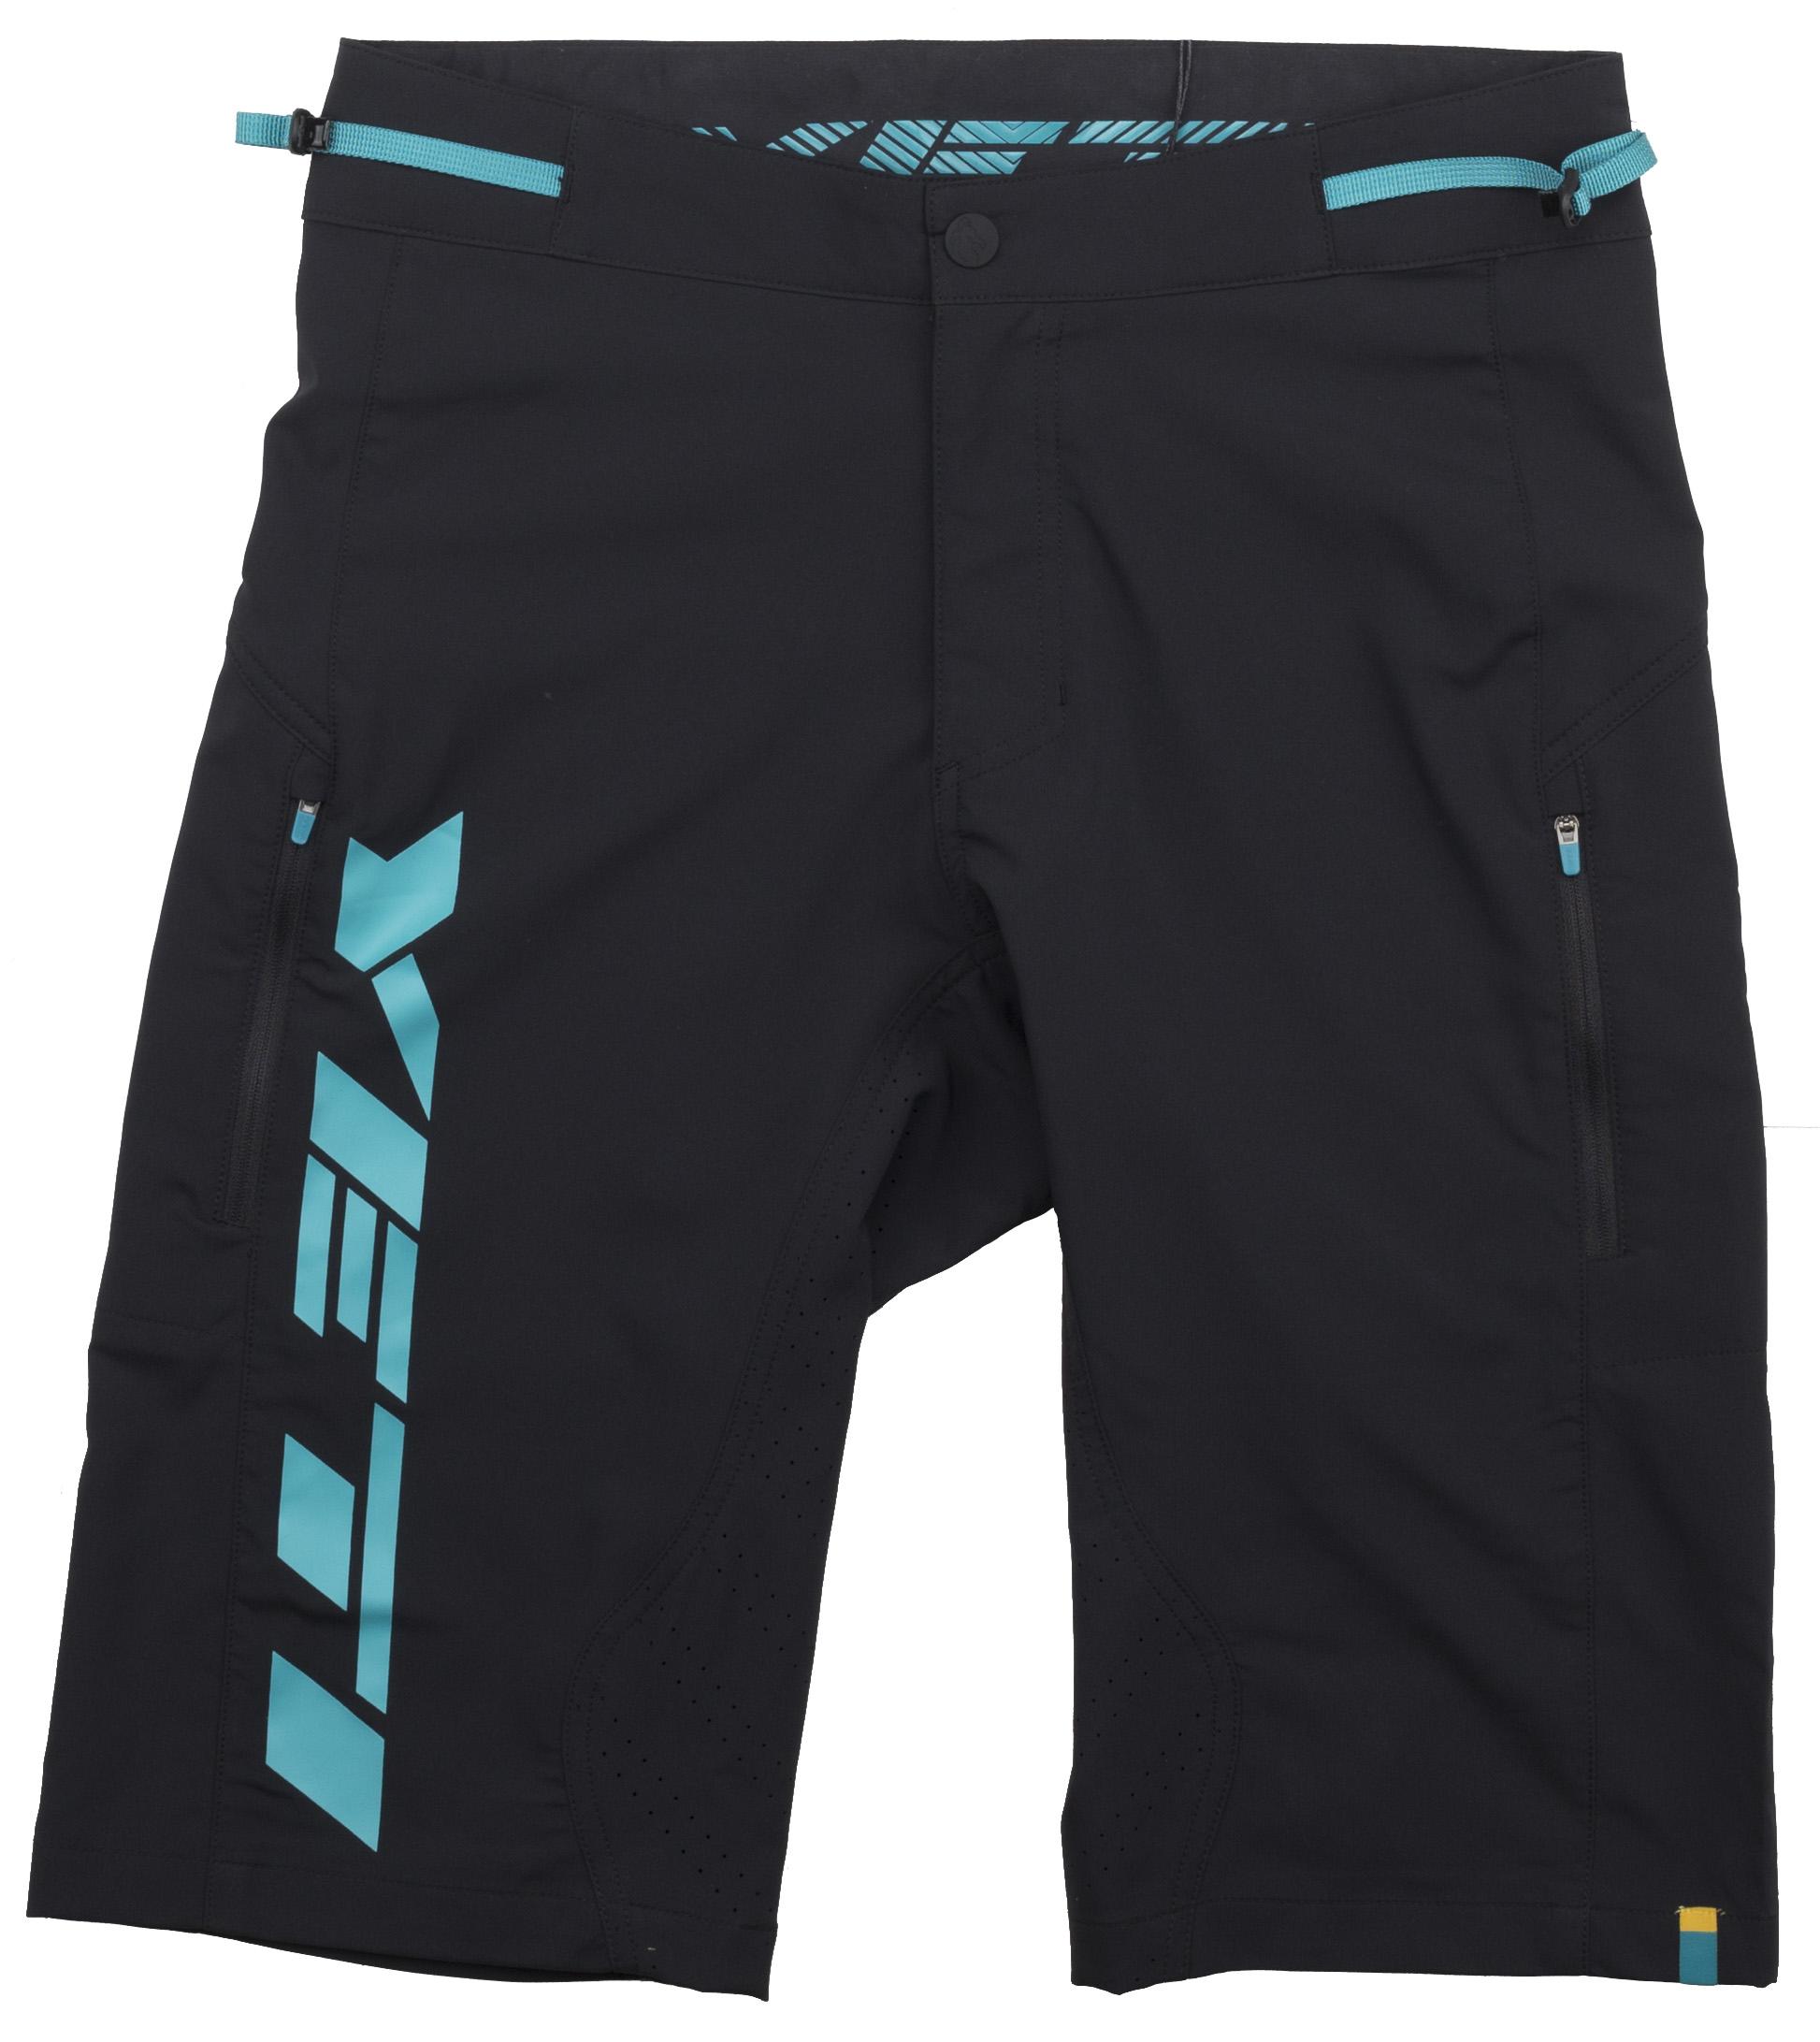 Yeti Enduro Shorts 2019